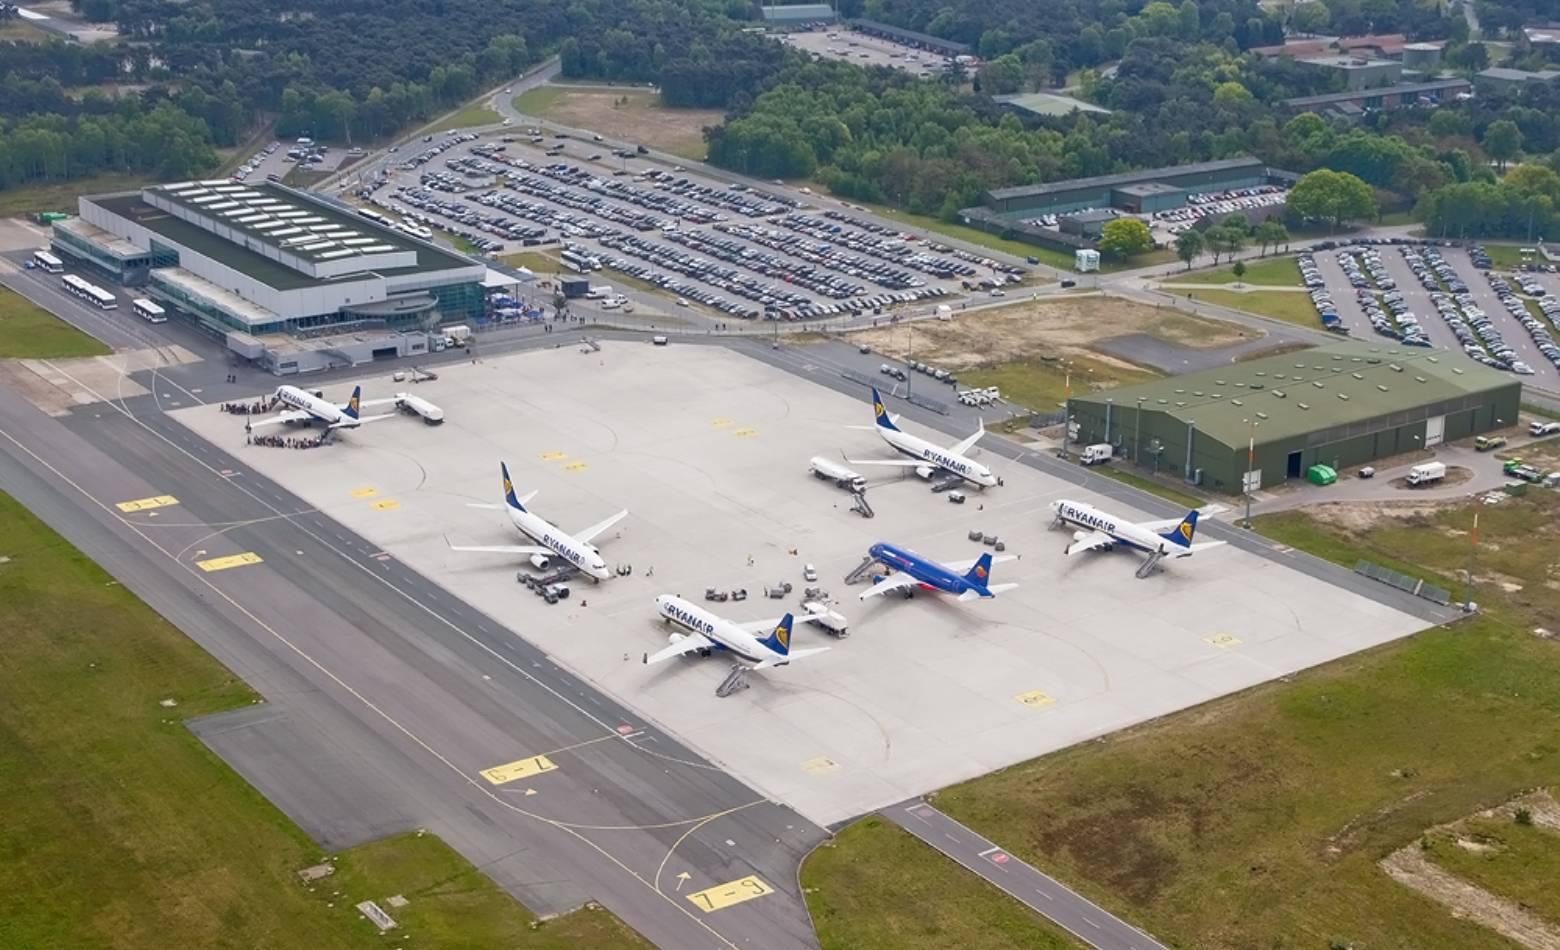 Аэропорт дюссельдорф-веце (weeze airport)